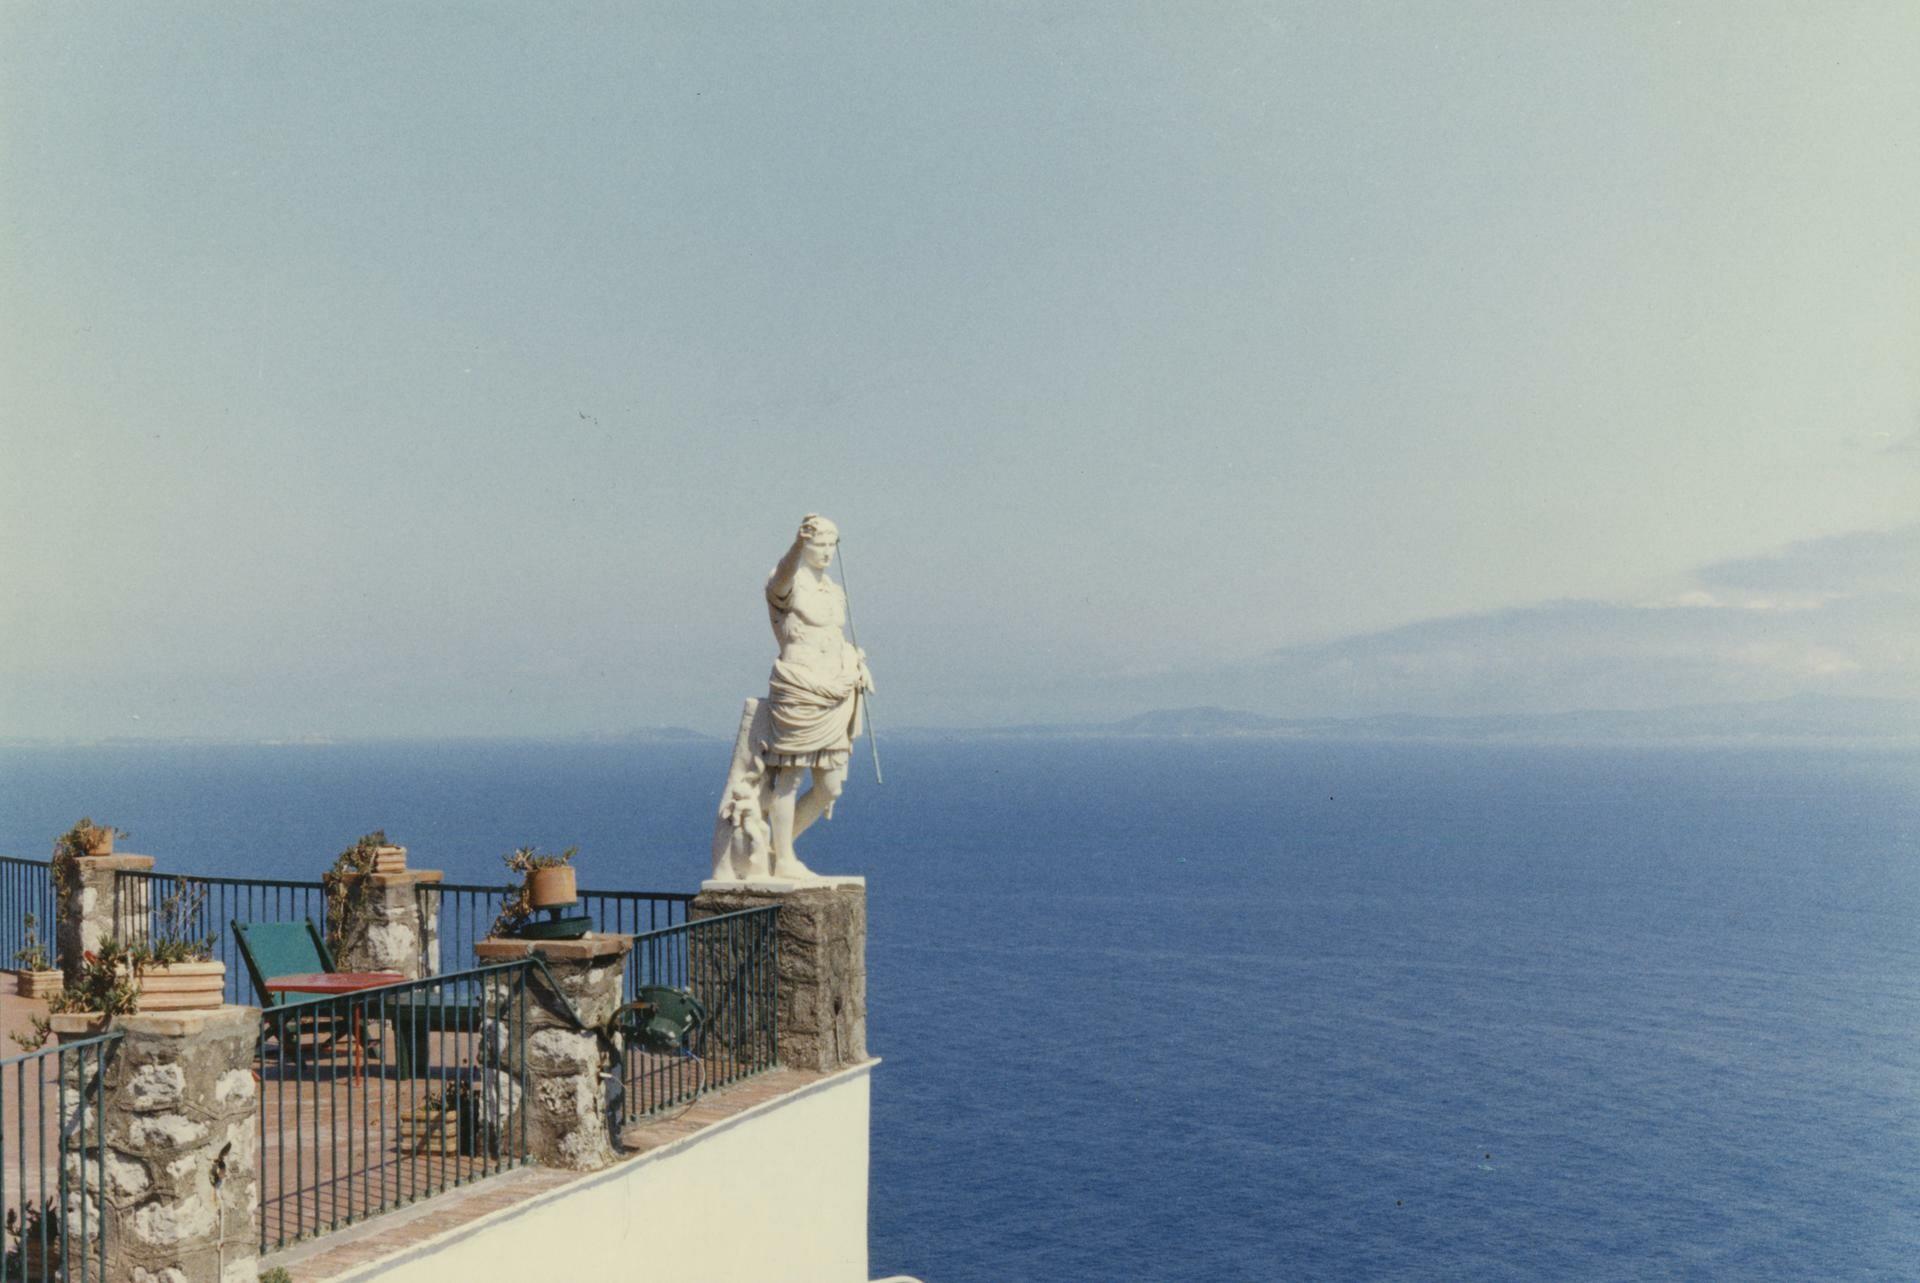 Luigi Ghirri, Giovanni Chiaramonte. Ultima bellezza  in mostra alla Reggia di Colorno